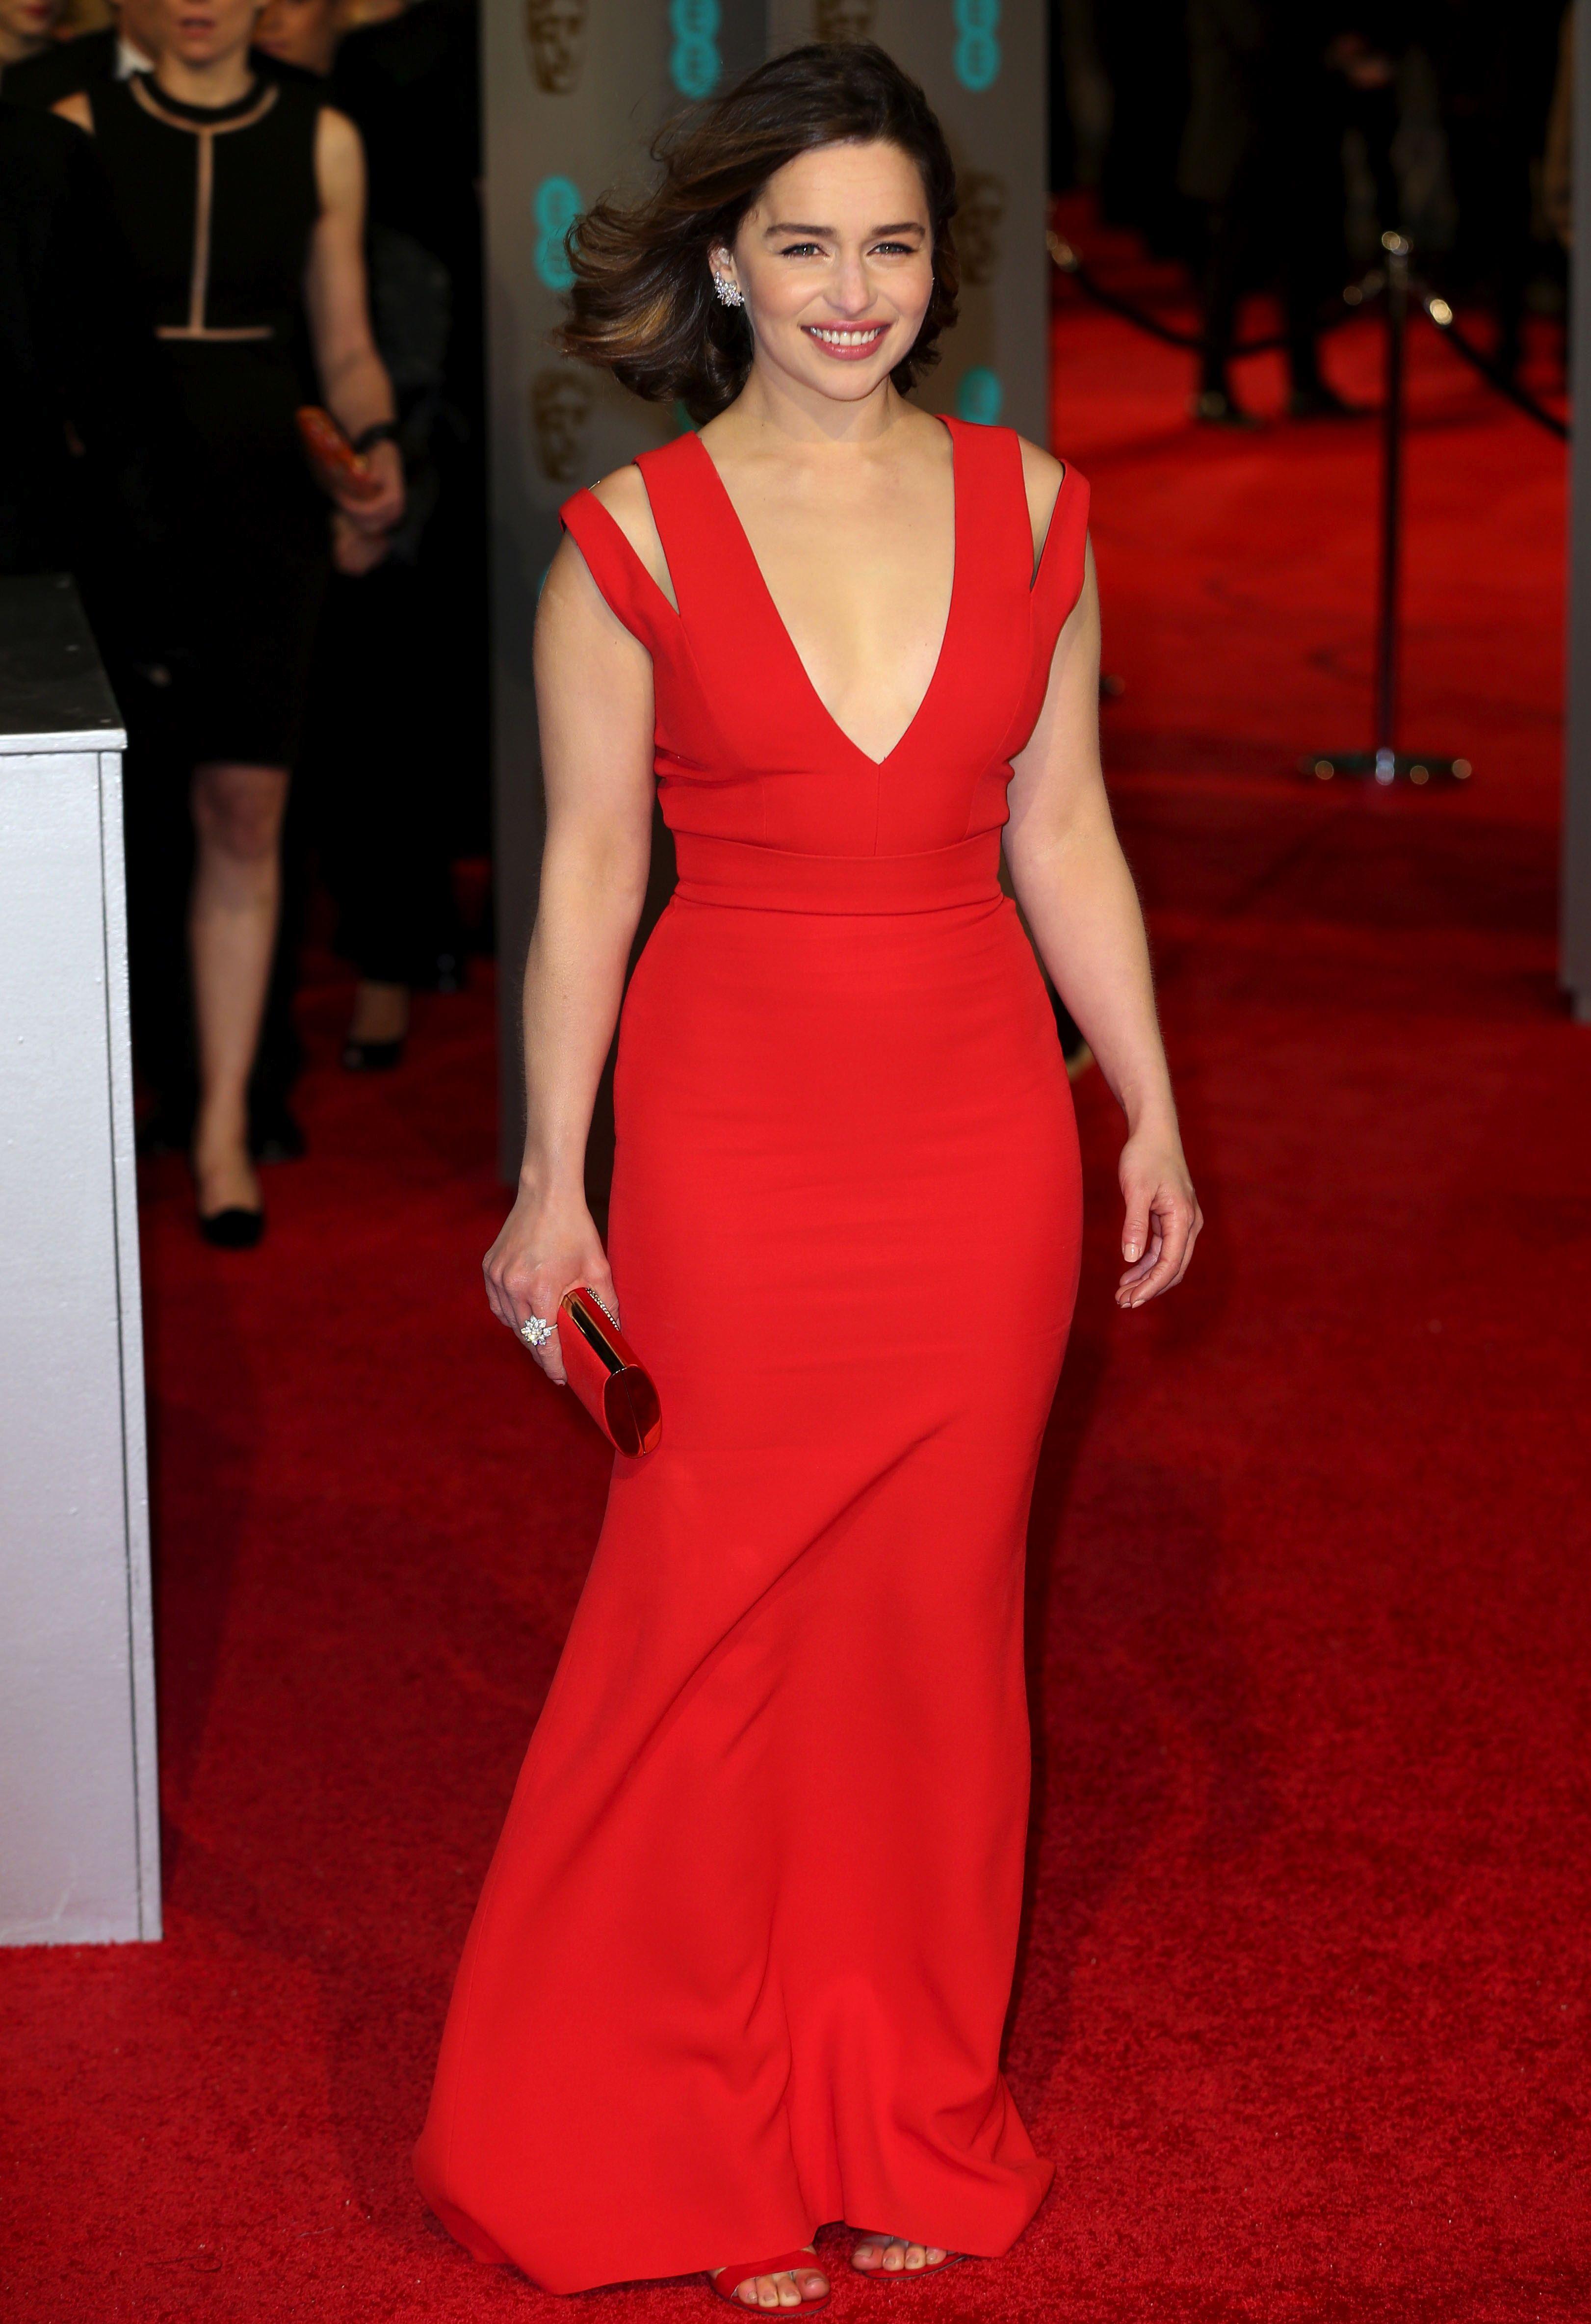 Best: Emilia Clarke